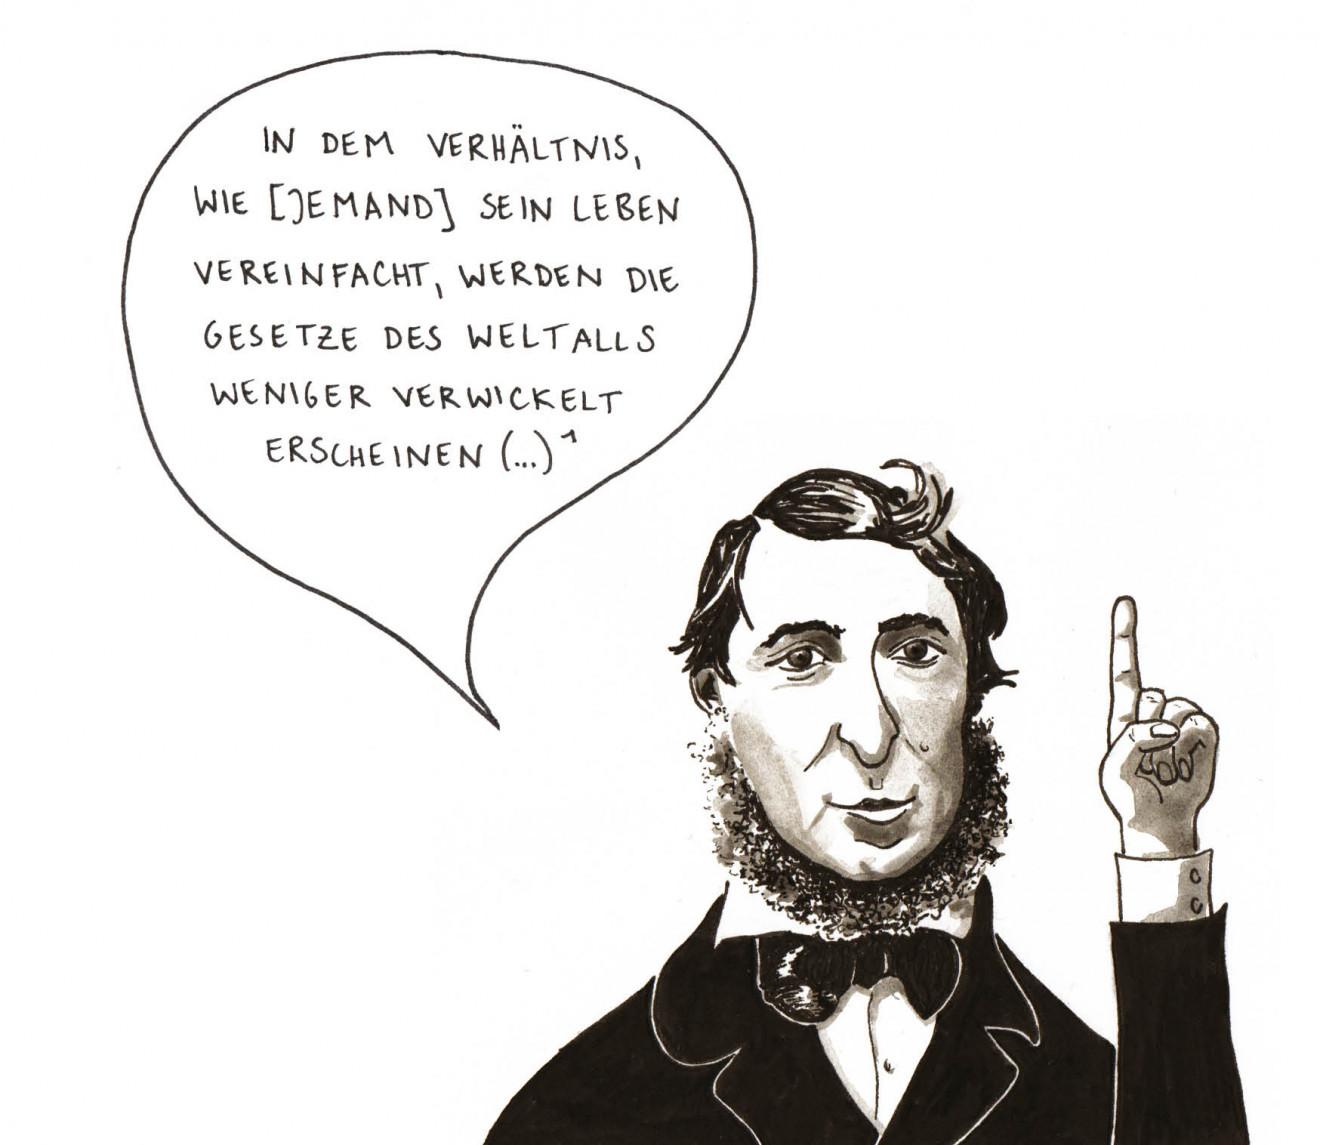 Portrait-Zeichnung von Henry David Thoreau. Er sagt: In dem Verhältnis wie jemand sein Leben vereinfacht, werden die Gesetze des Weltalls weniger verwickelt erscheinen.